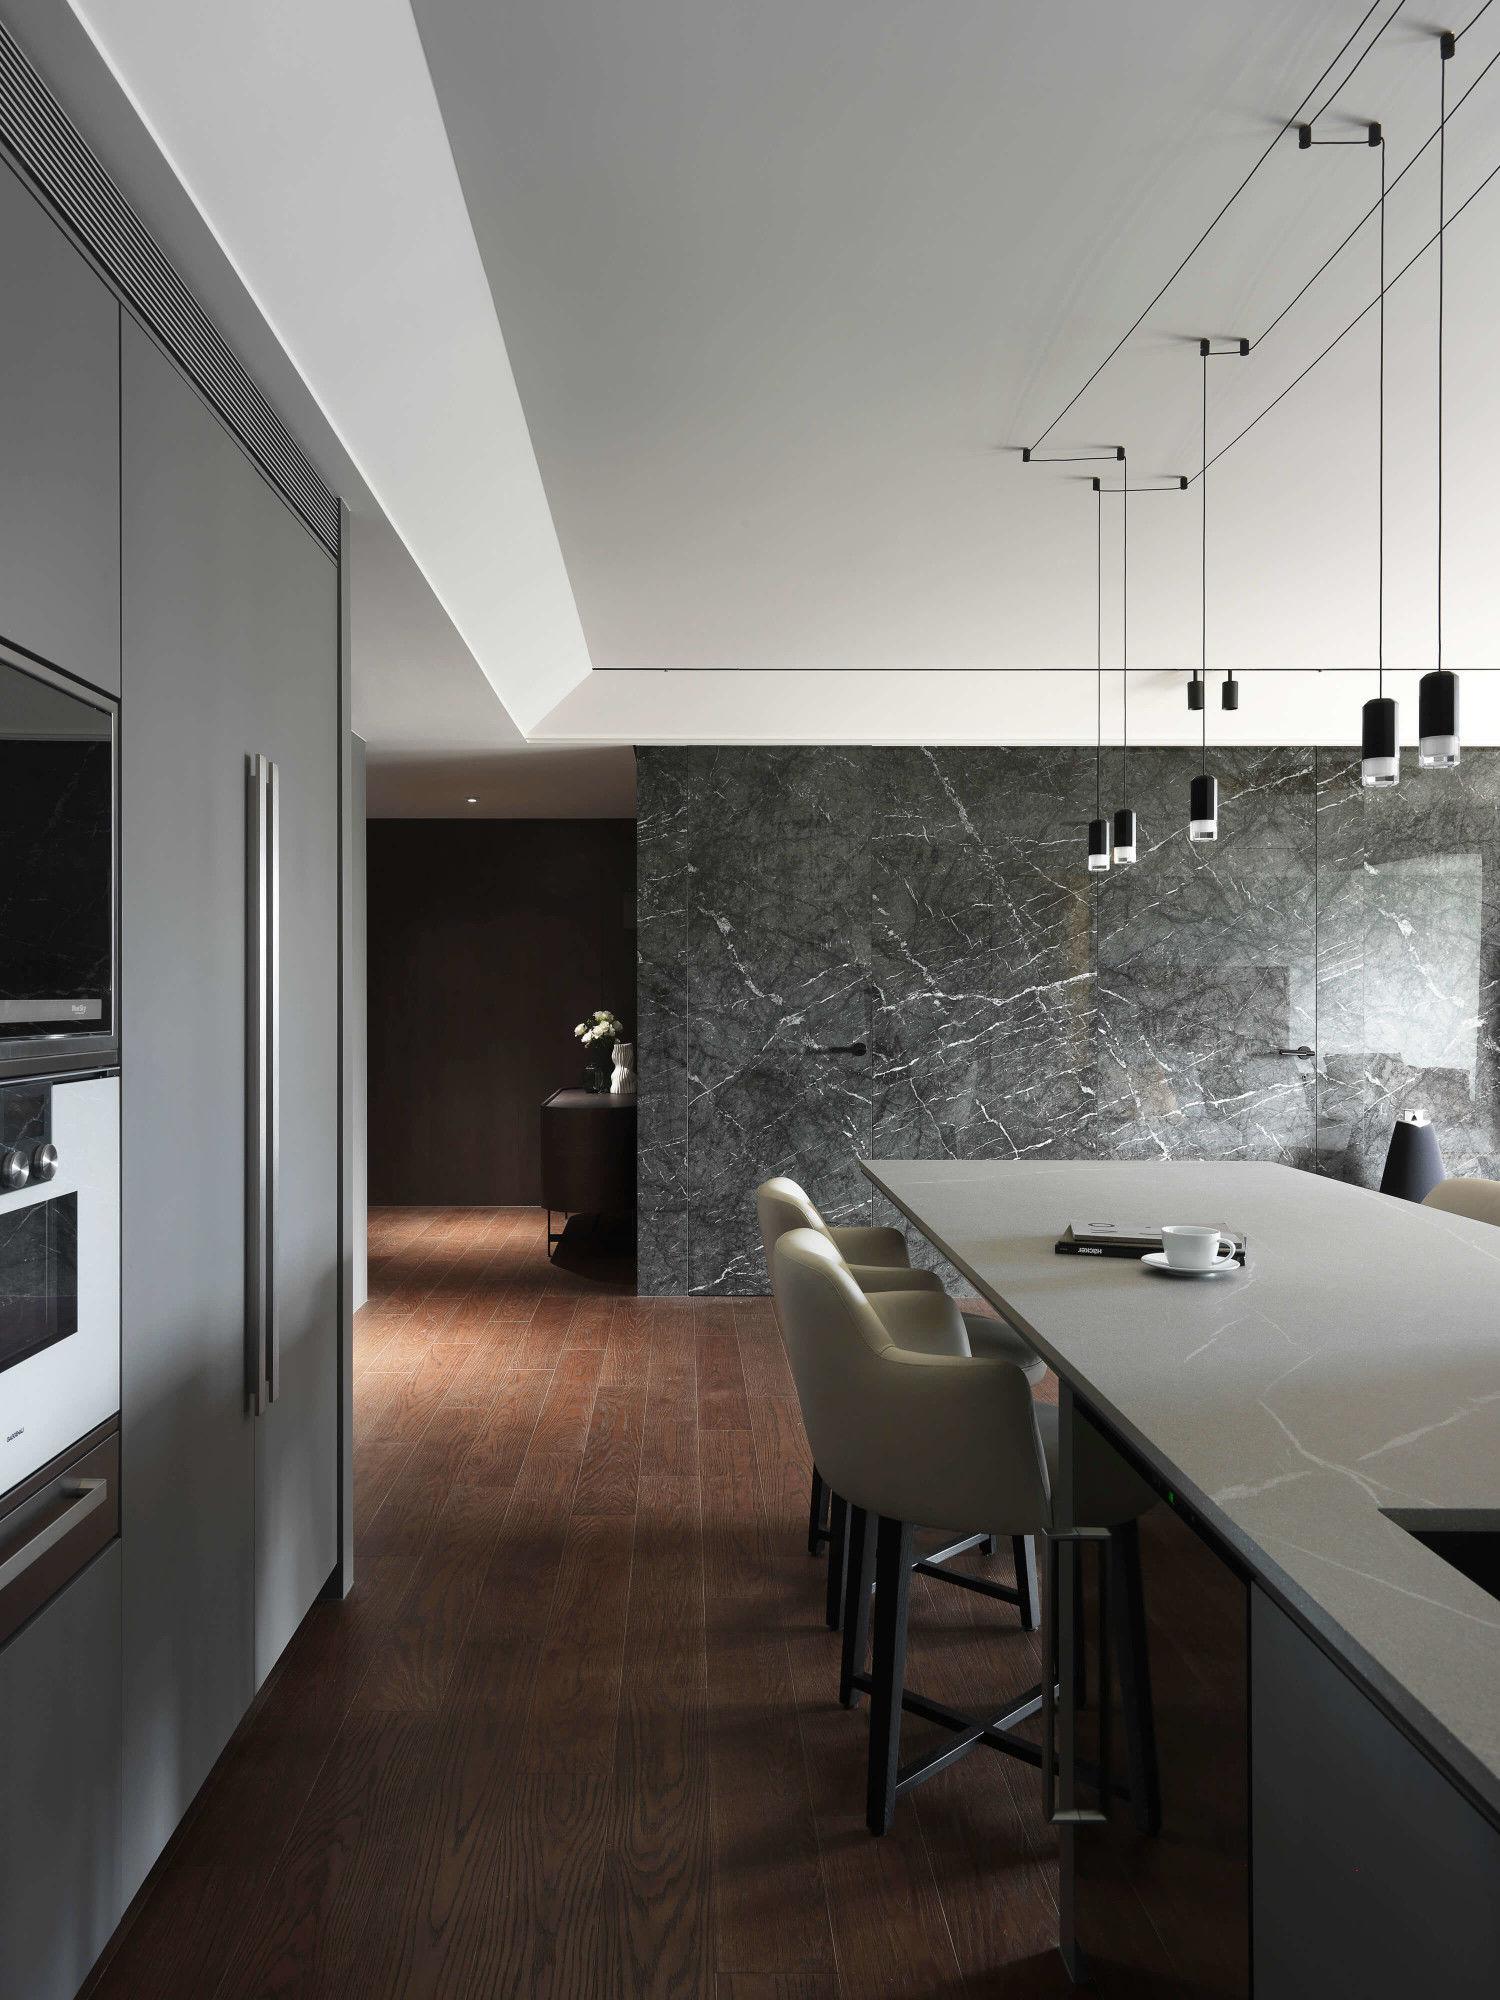 分子室內裝修設計-台中七期現代風格-客餐廳公共區域、進口廚具、訂製輕食區中島